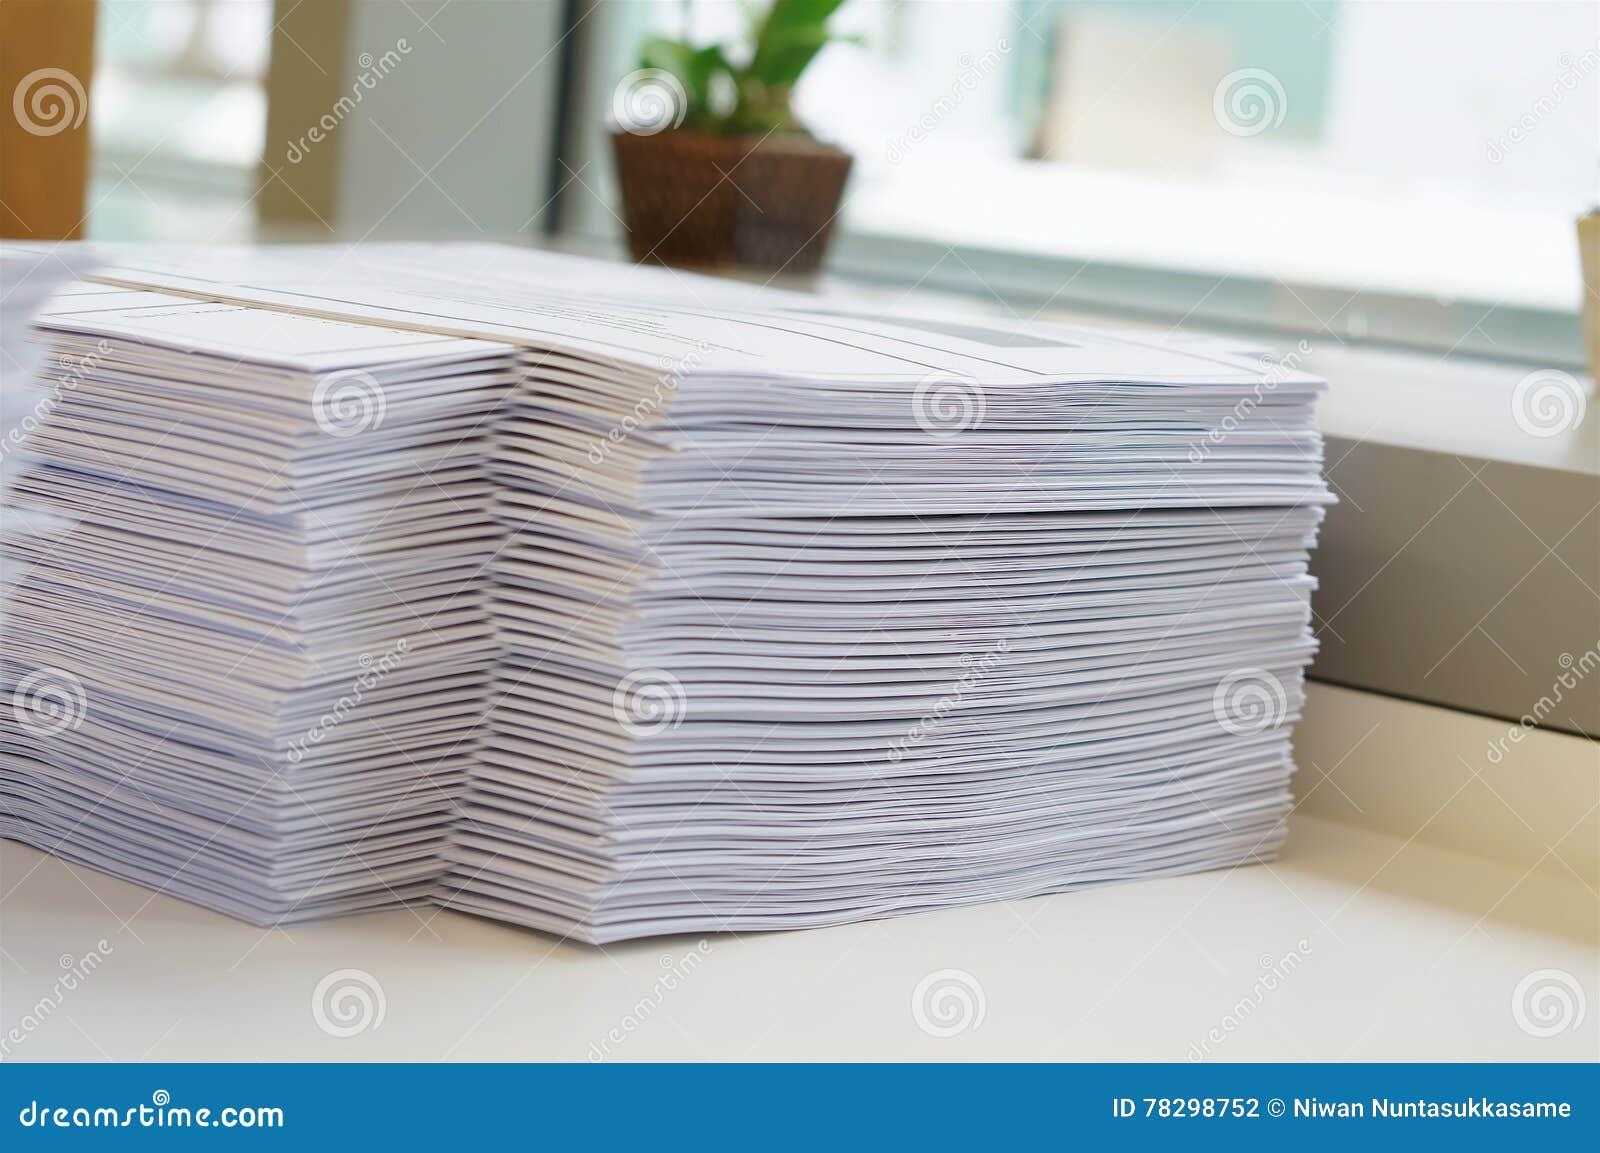 Стог рабочего листа бумаг около окна